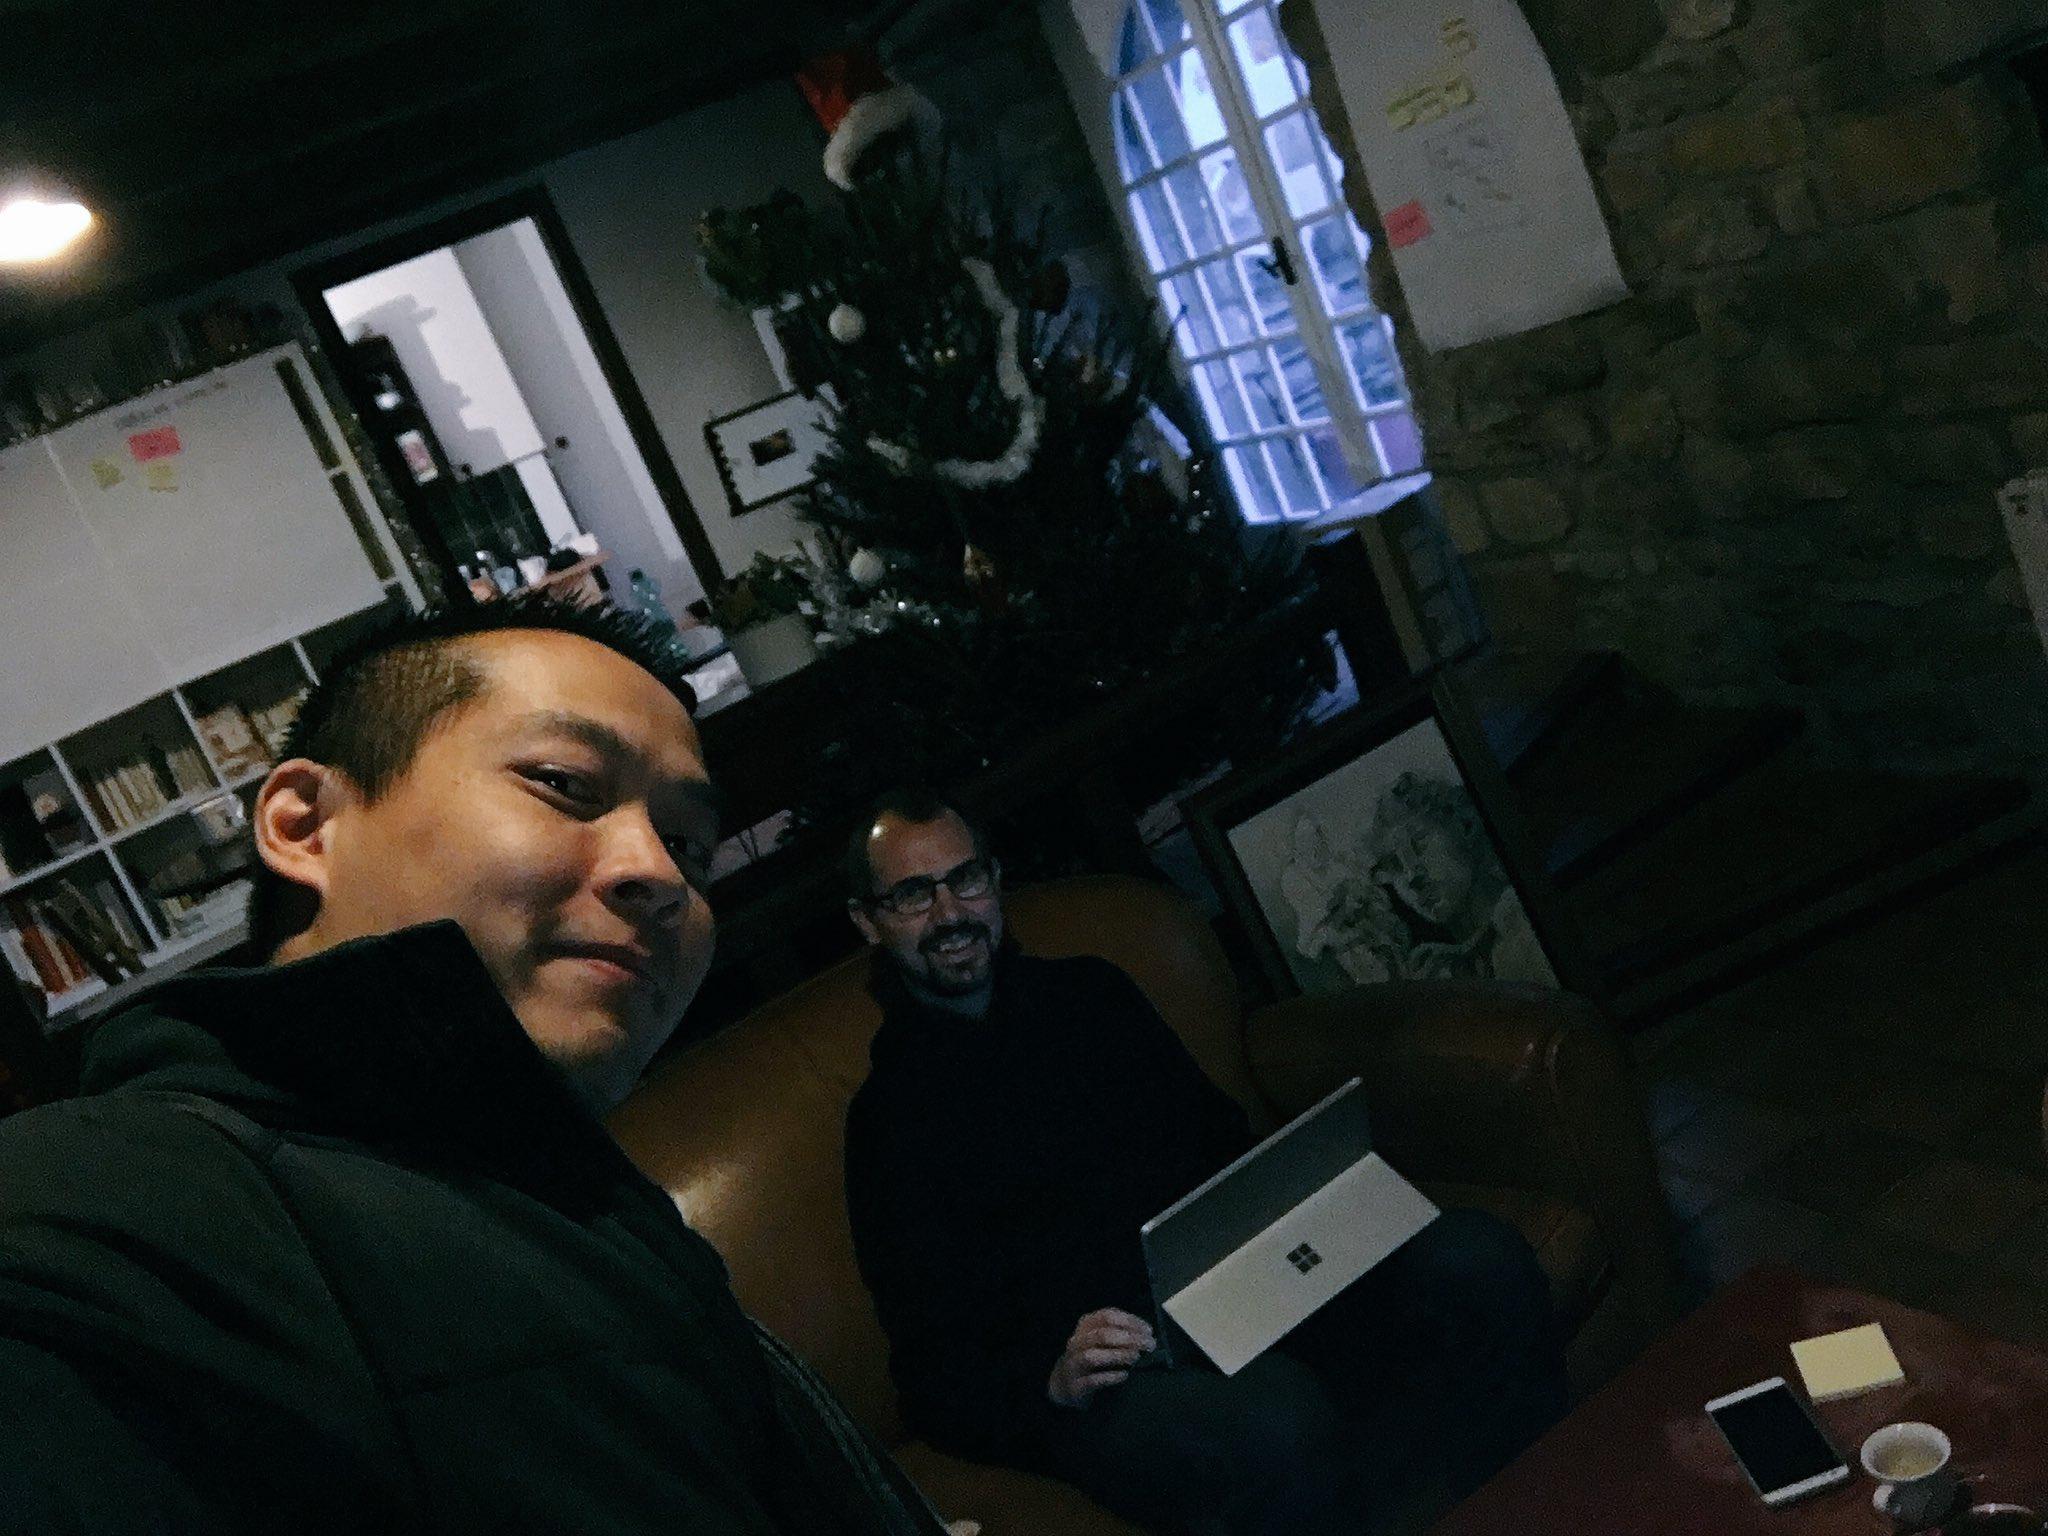 Discutons de Management Agile avec @arnaud_gervais #boooksprint https://t.co/vzuoKnxEku